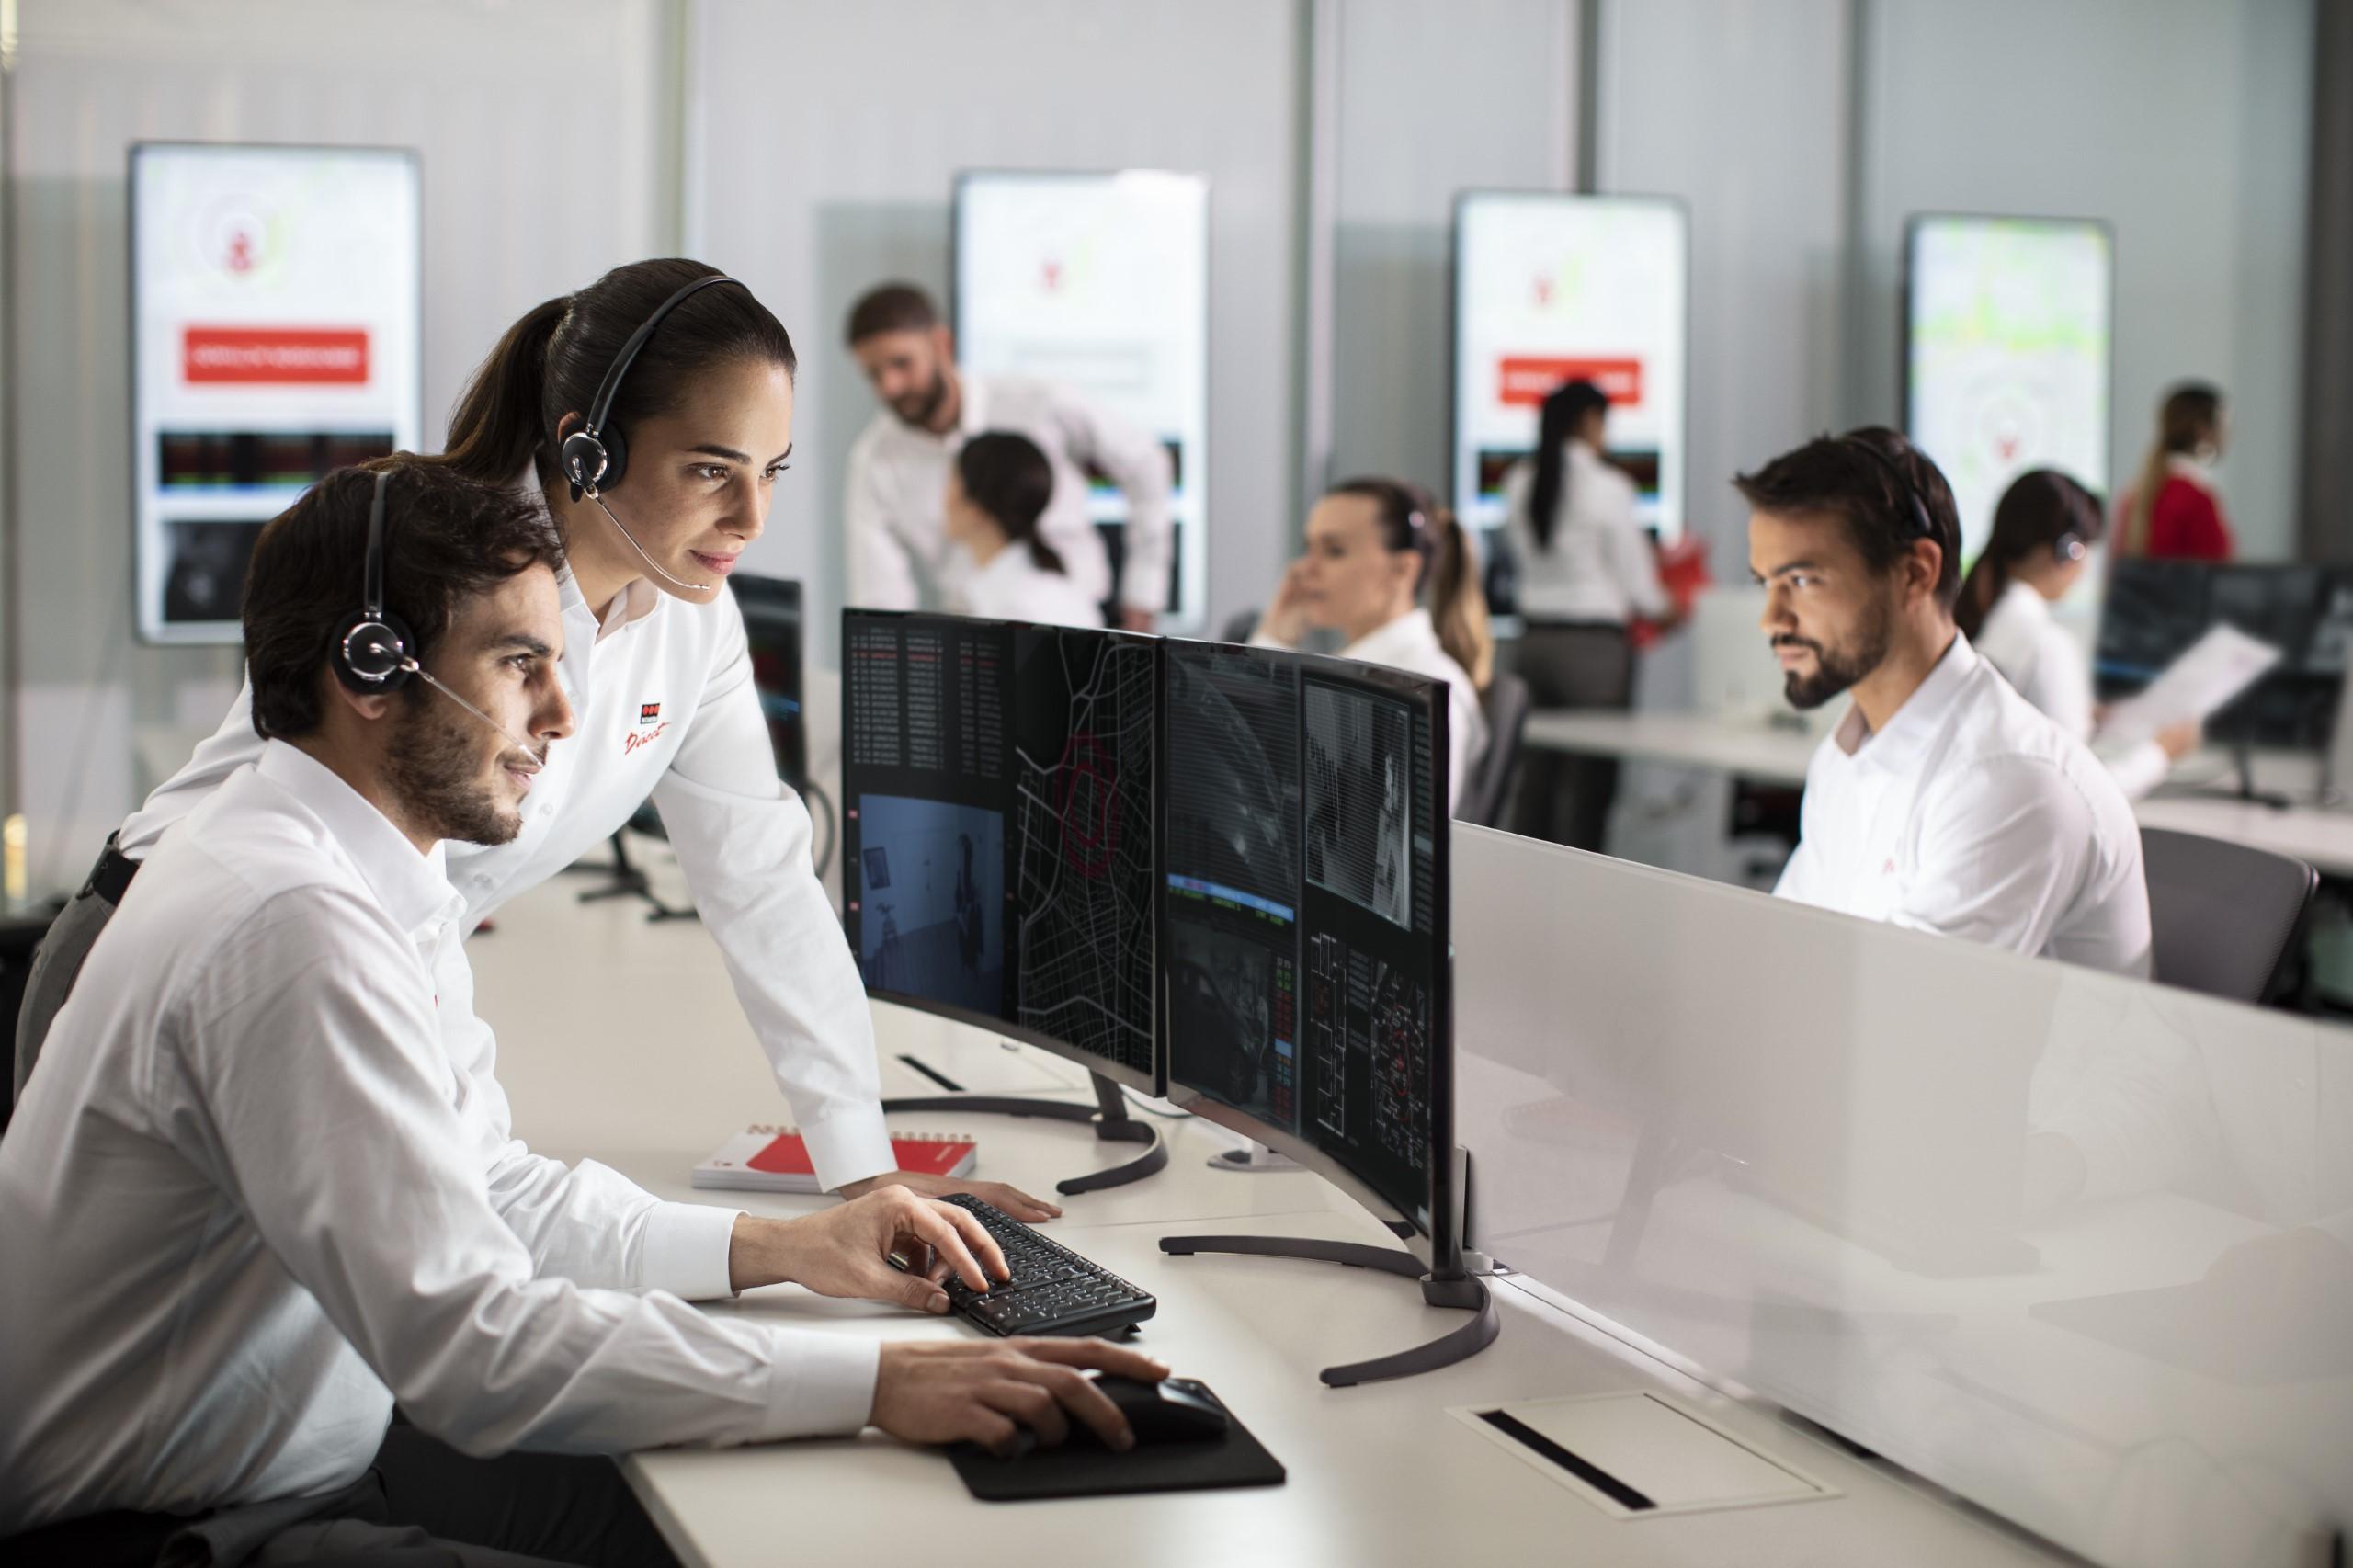 Die NSL-Fachkräfte in der VdS-zertifizierten Alarmzentrale von Verisure in Ratingen